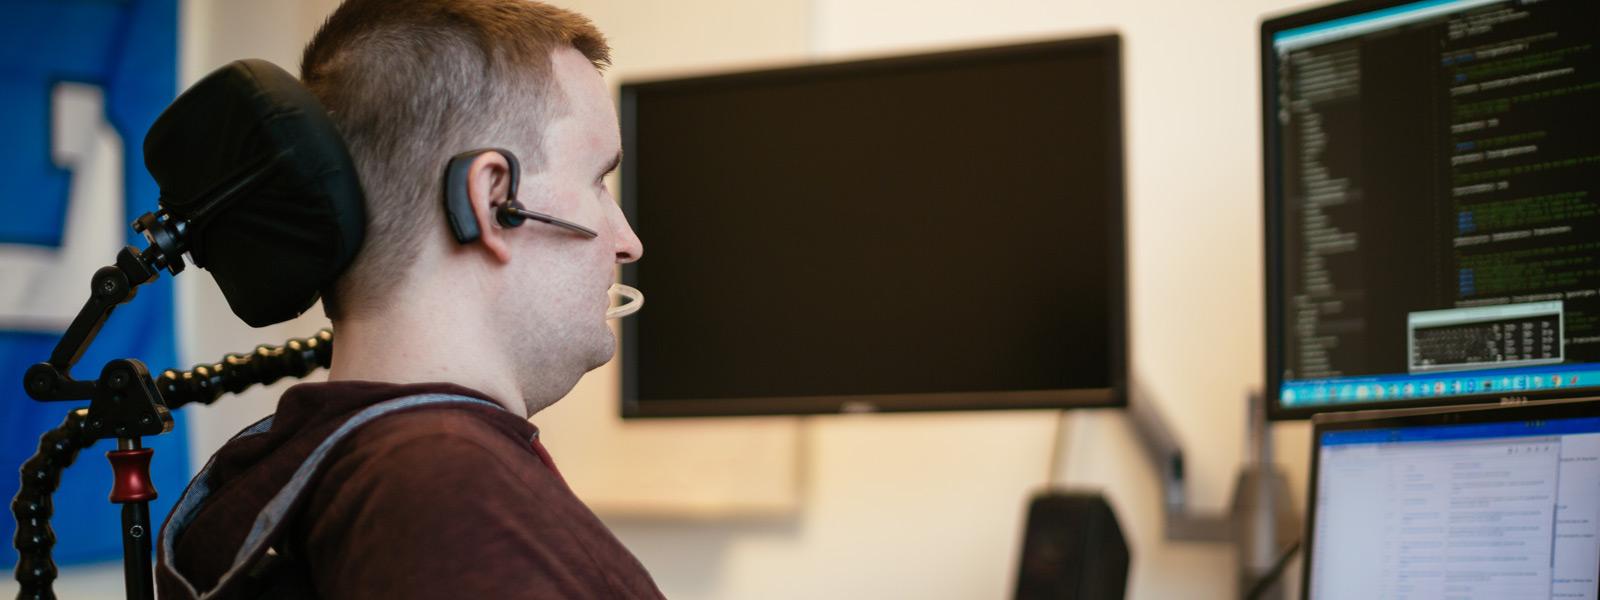 Windows 10 rendszerű számítógépet kisegítő hardvertechnológia segítségével szemvezérléssel kezelő férfi